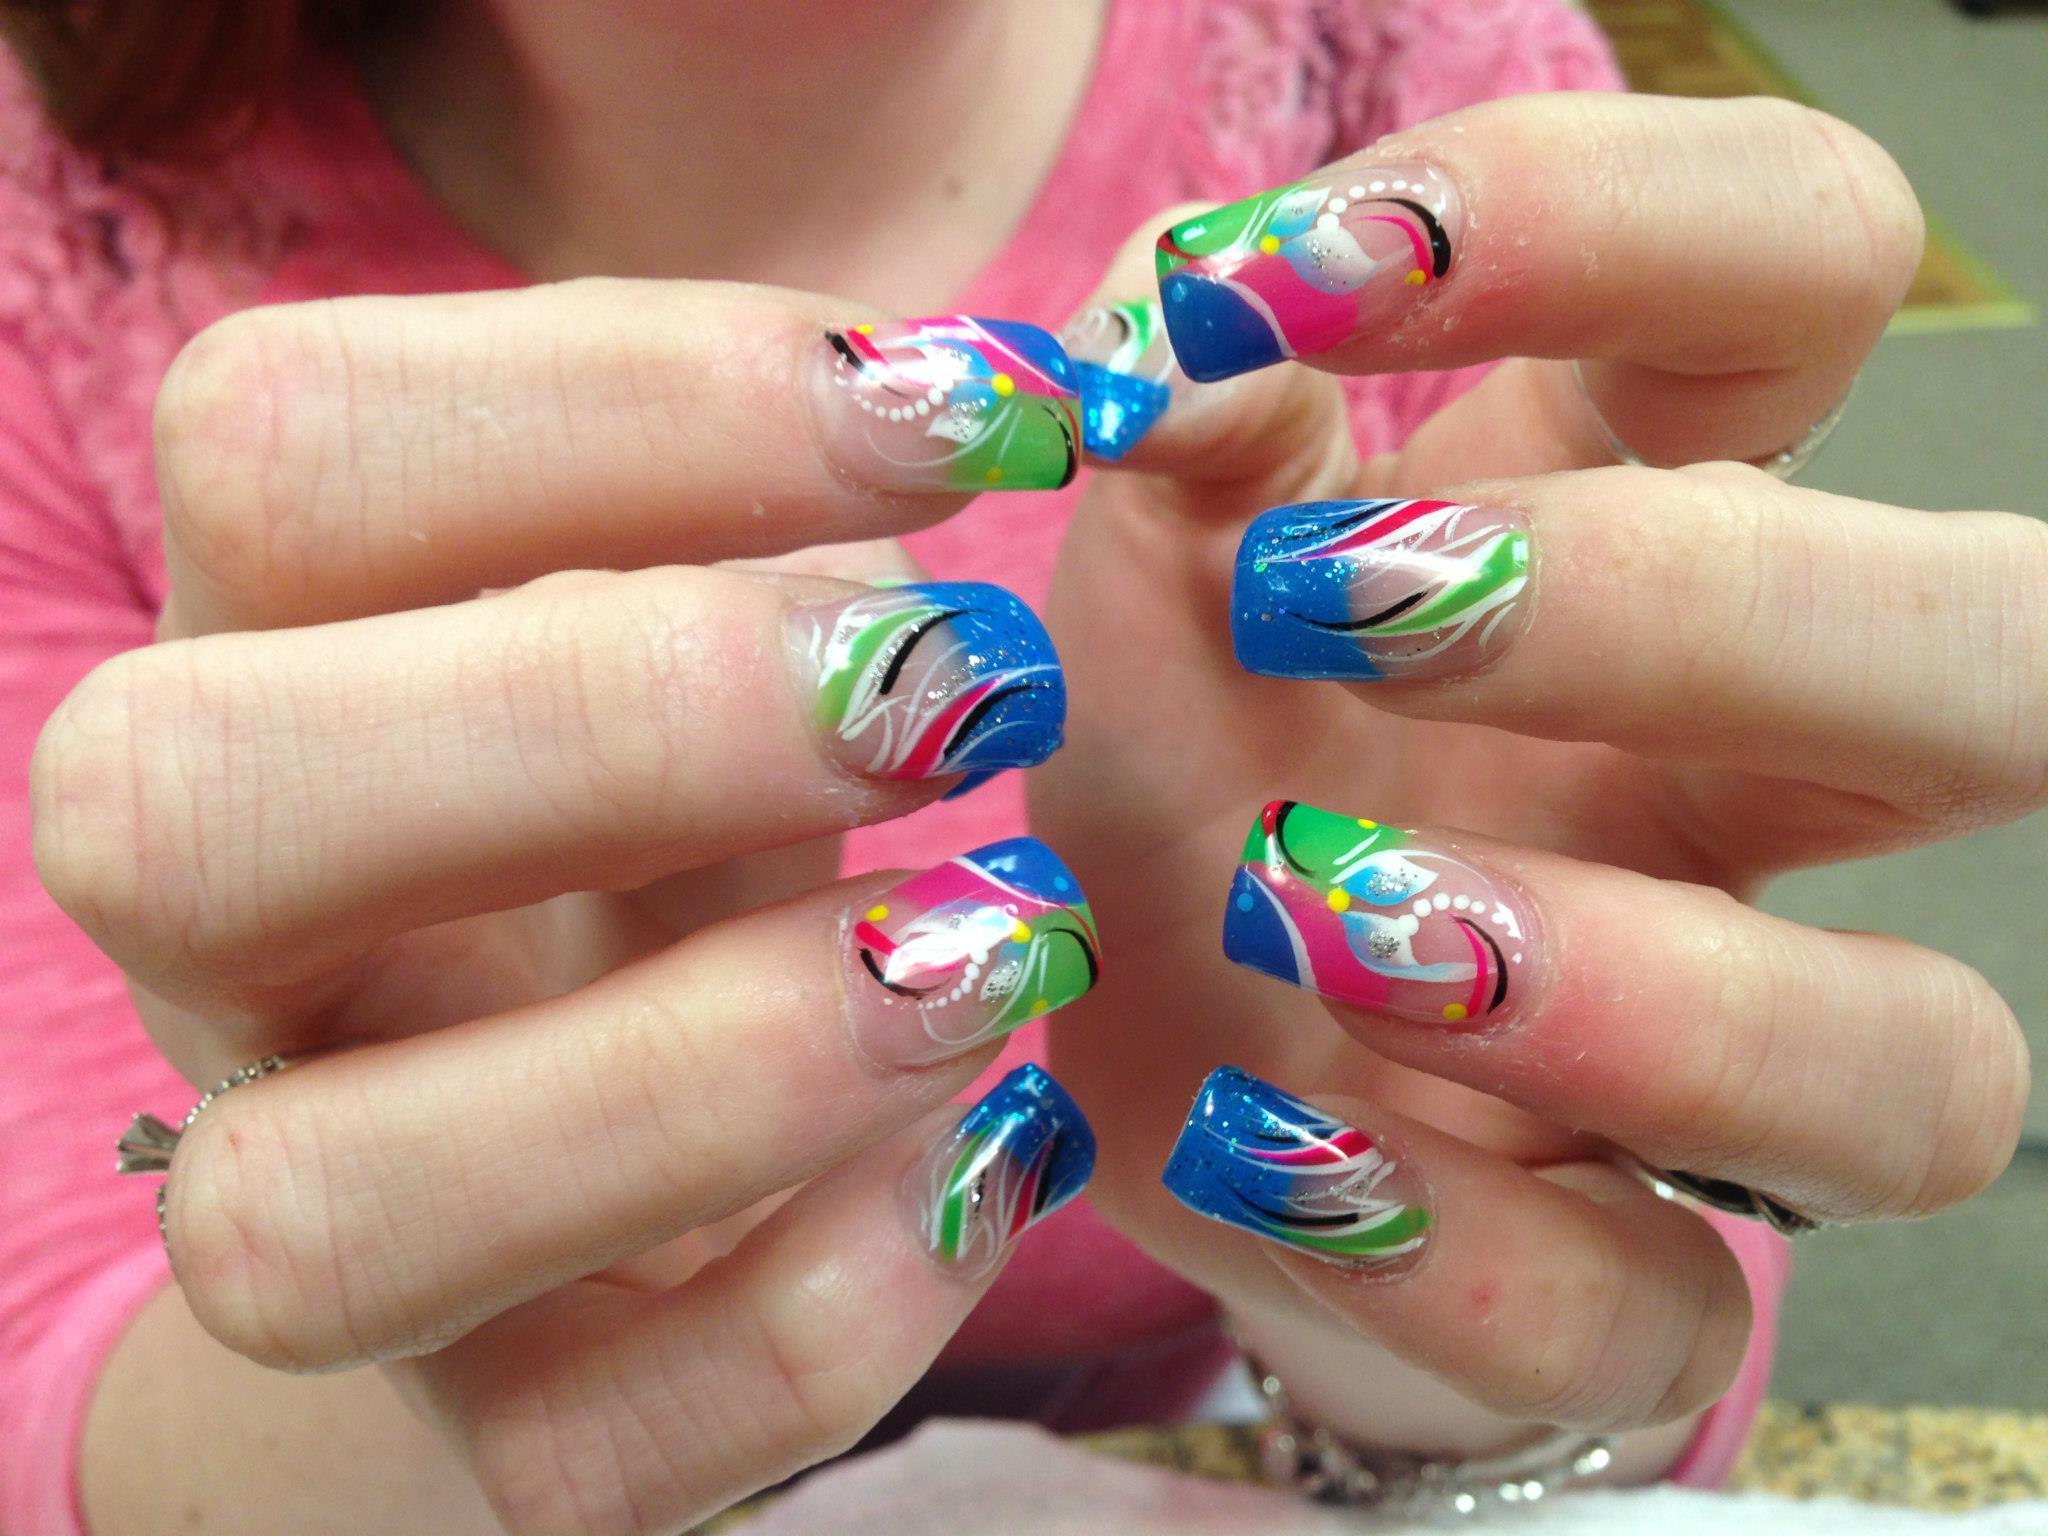 Nail Spa Salon Photo Gallery | Top Nails